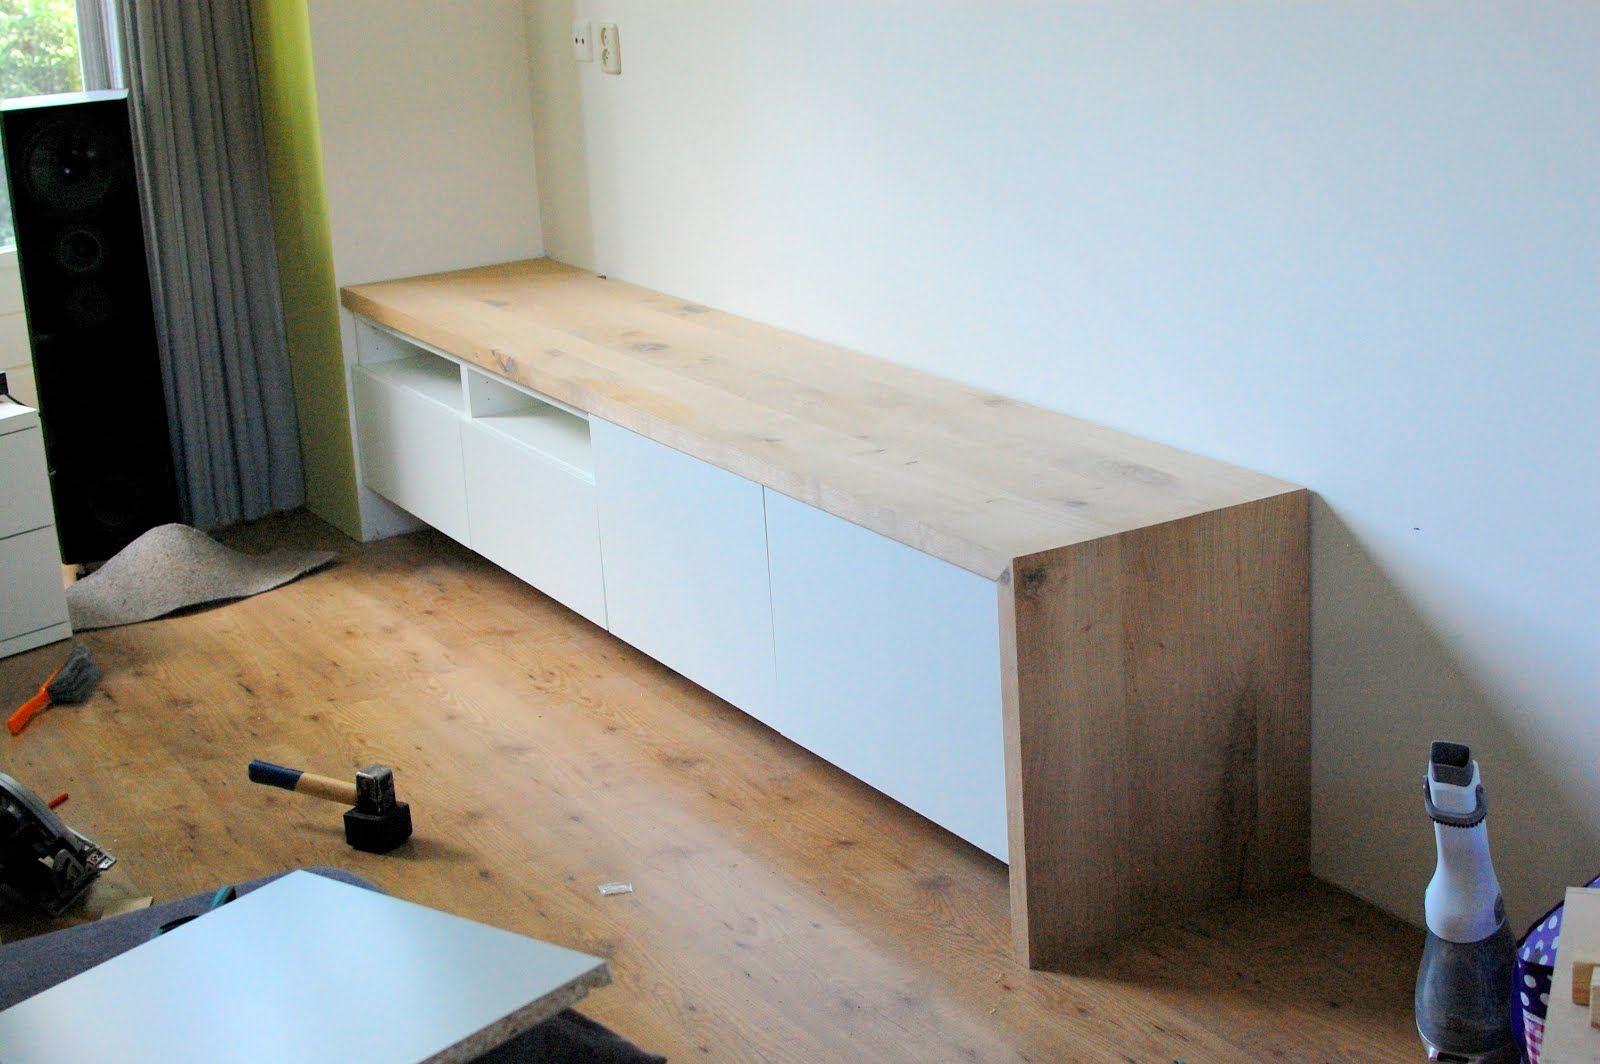 Die Besten 25 Ikea Waschbeckenunterschrank Ideen Auf: Ikea Hack Sitzbank Küche